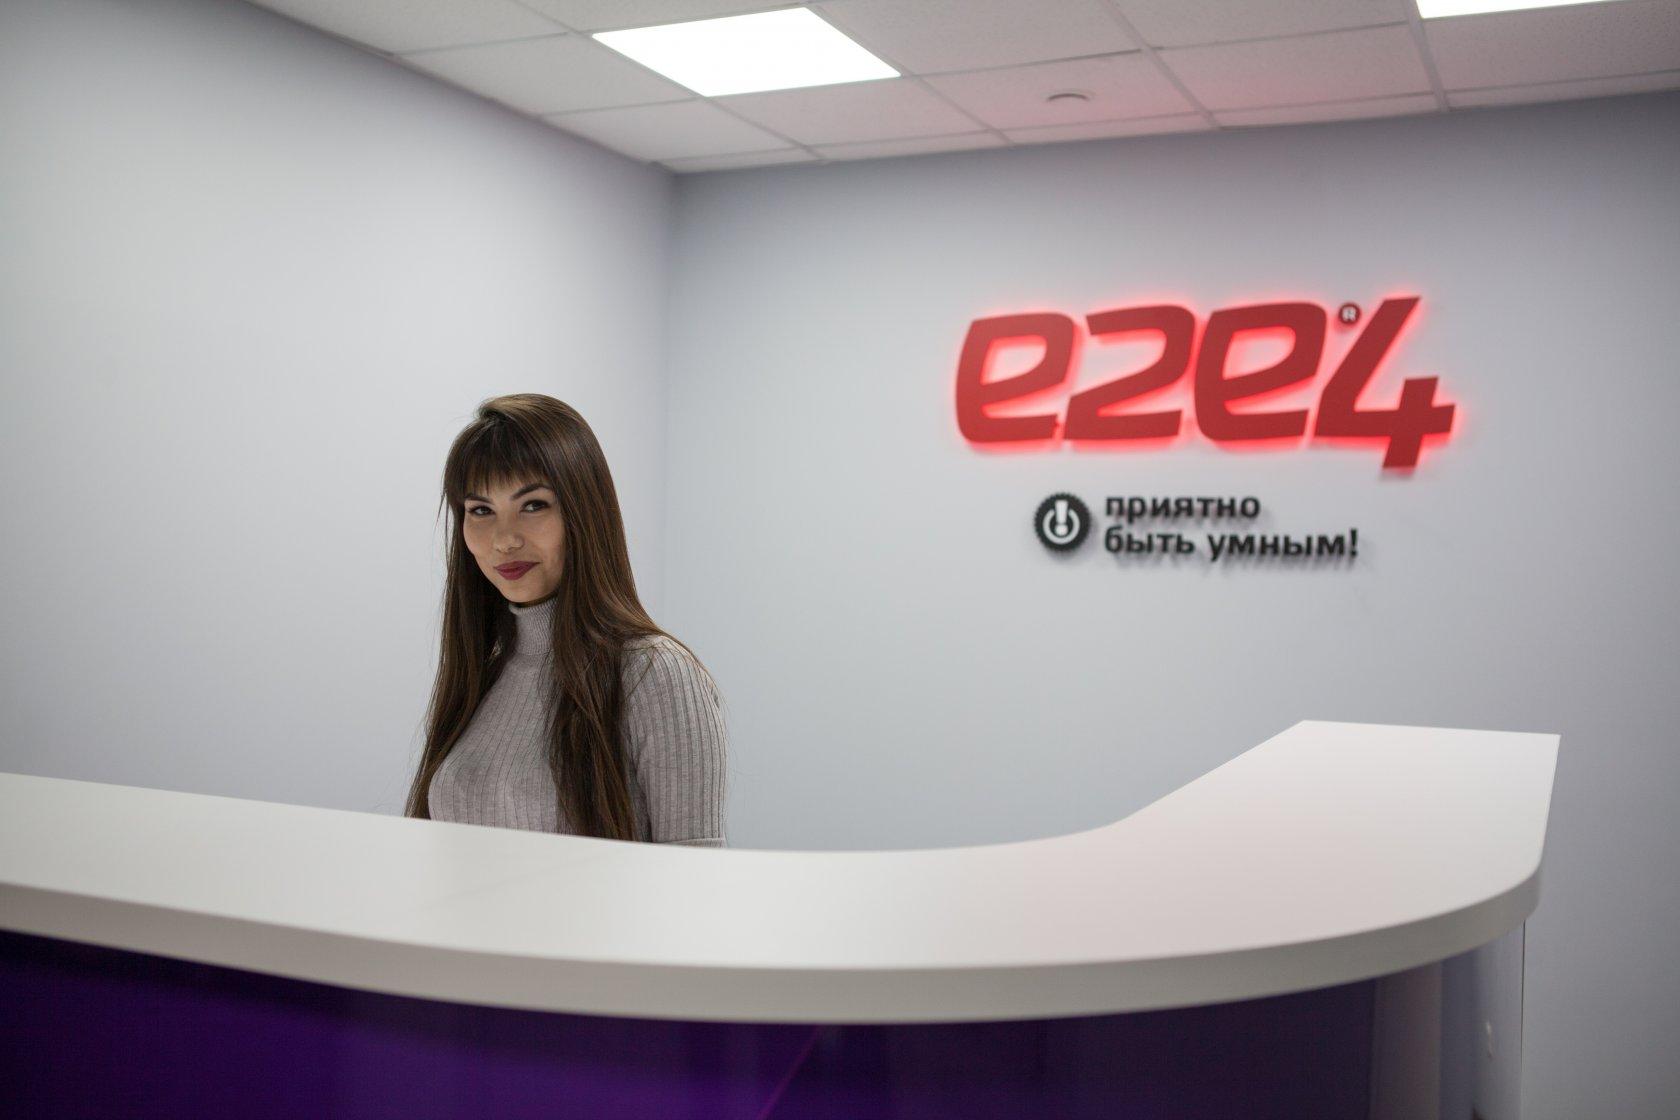 Е2е4 Уфа Интернет Магазин